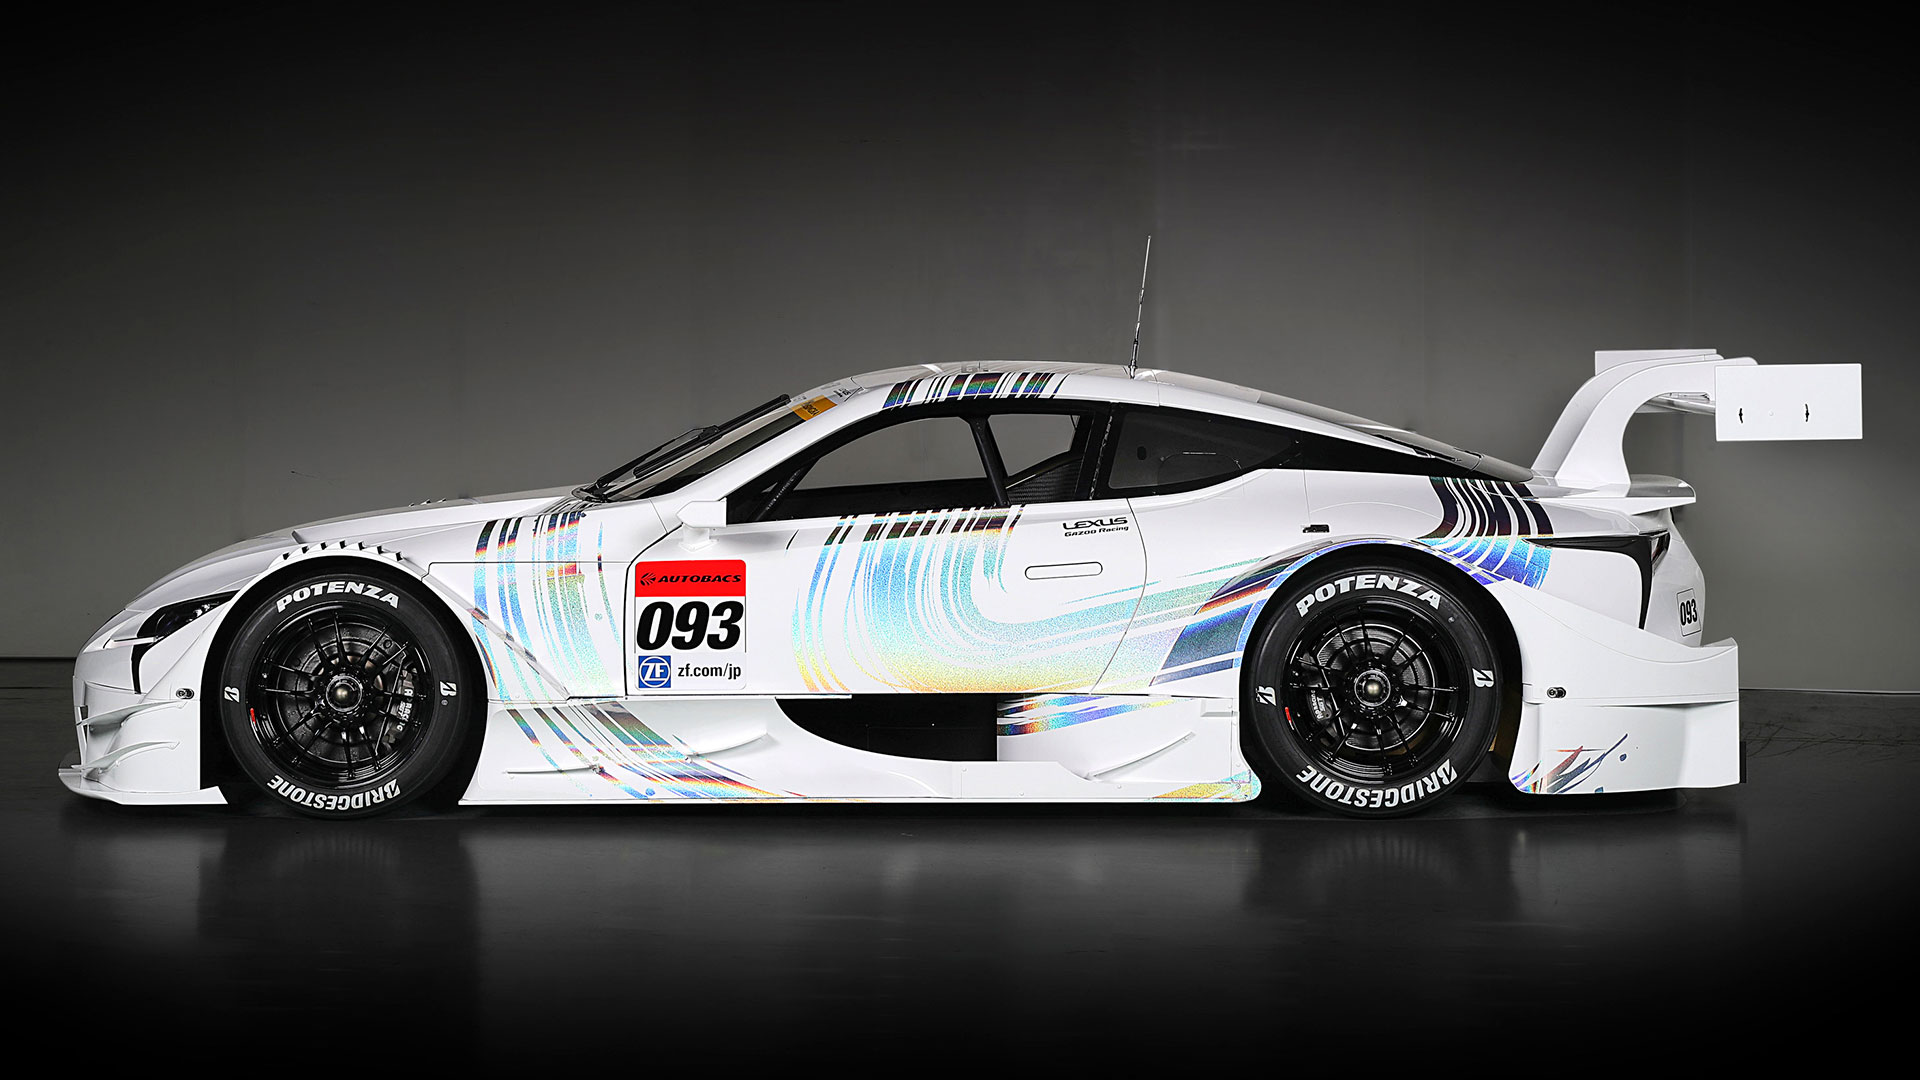 Nuevo vehículo de competición que participará en el Super GT 2017 hero asset